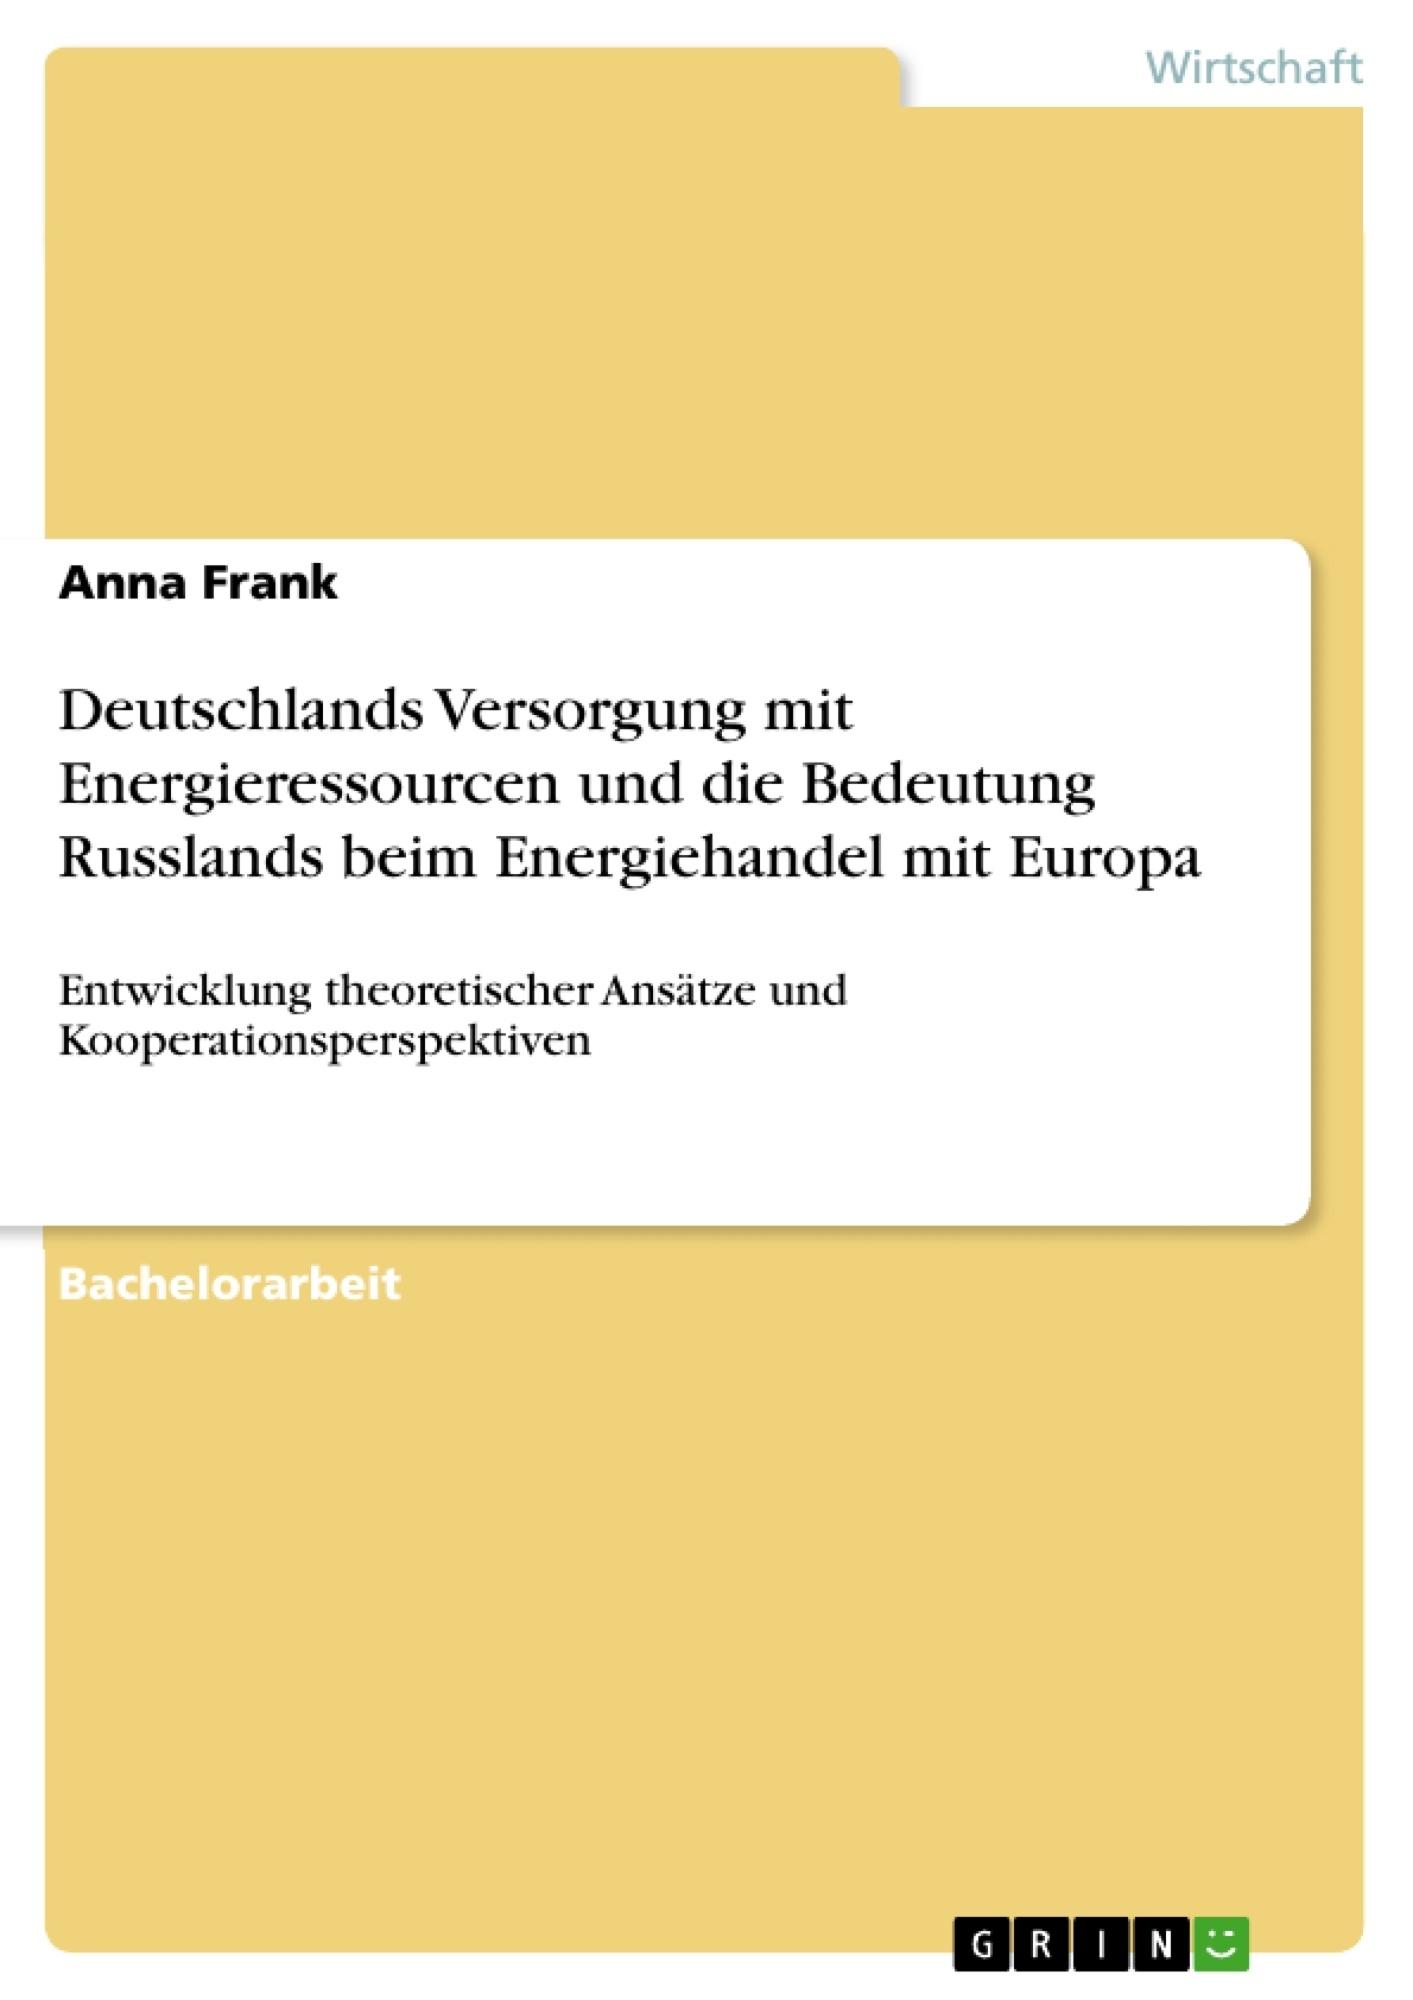 Titel: Deutschlands Versorgung mit Energieressourcen und die Bedeutung Russlands beim Energiehandel mit Europa